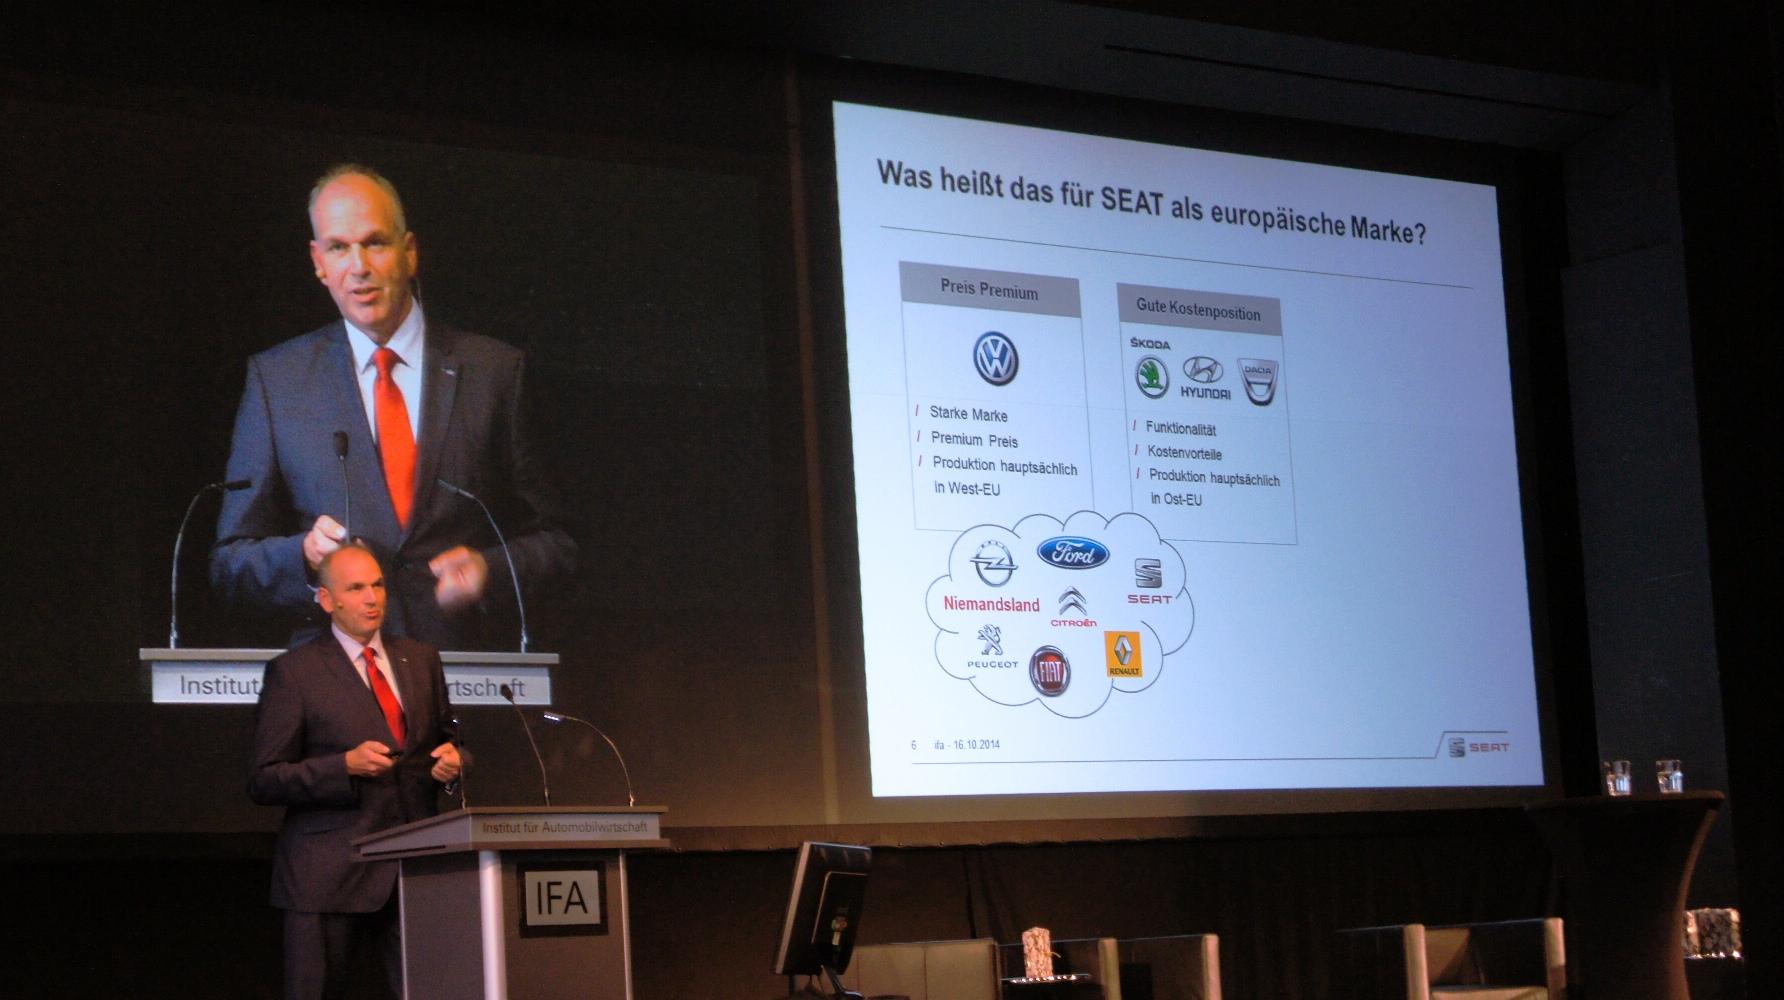 IfA Geislingen Jürgen Stackmann beim Tag der Automobilwirtschaft 2014